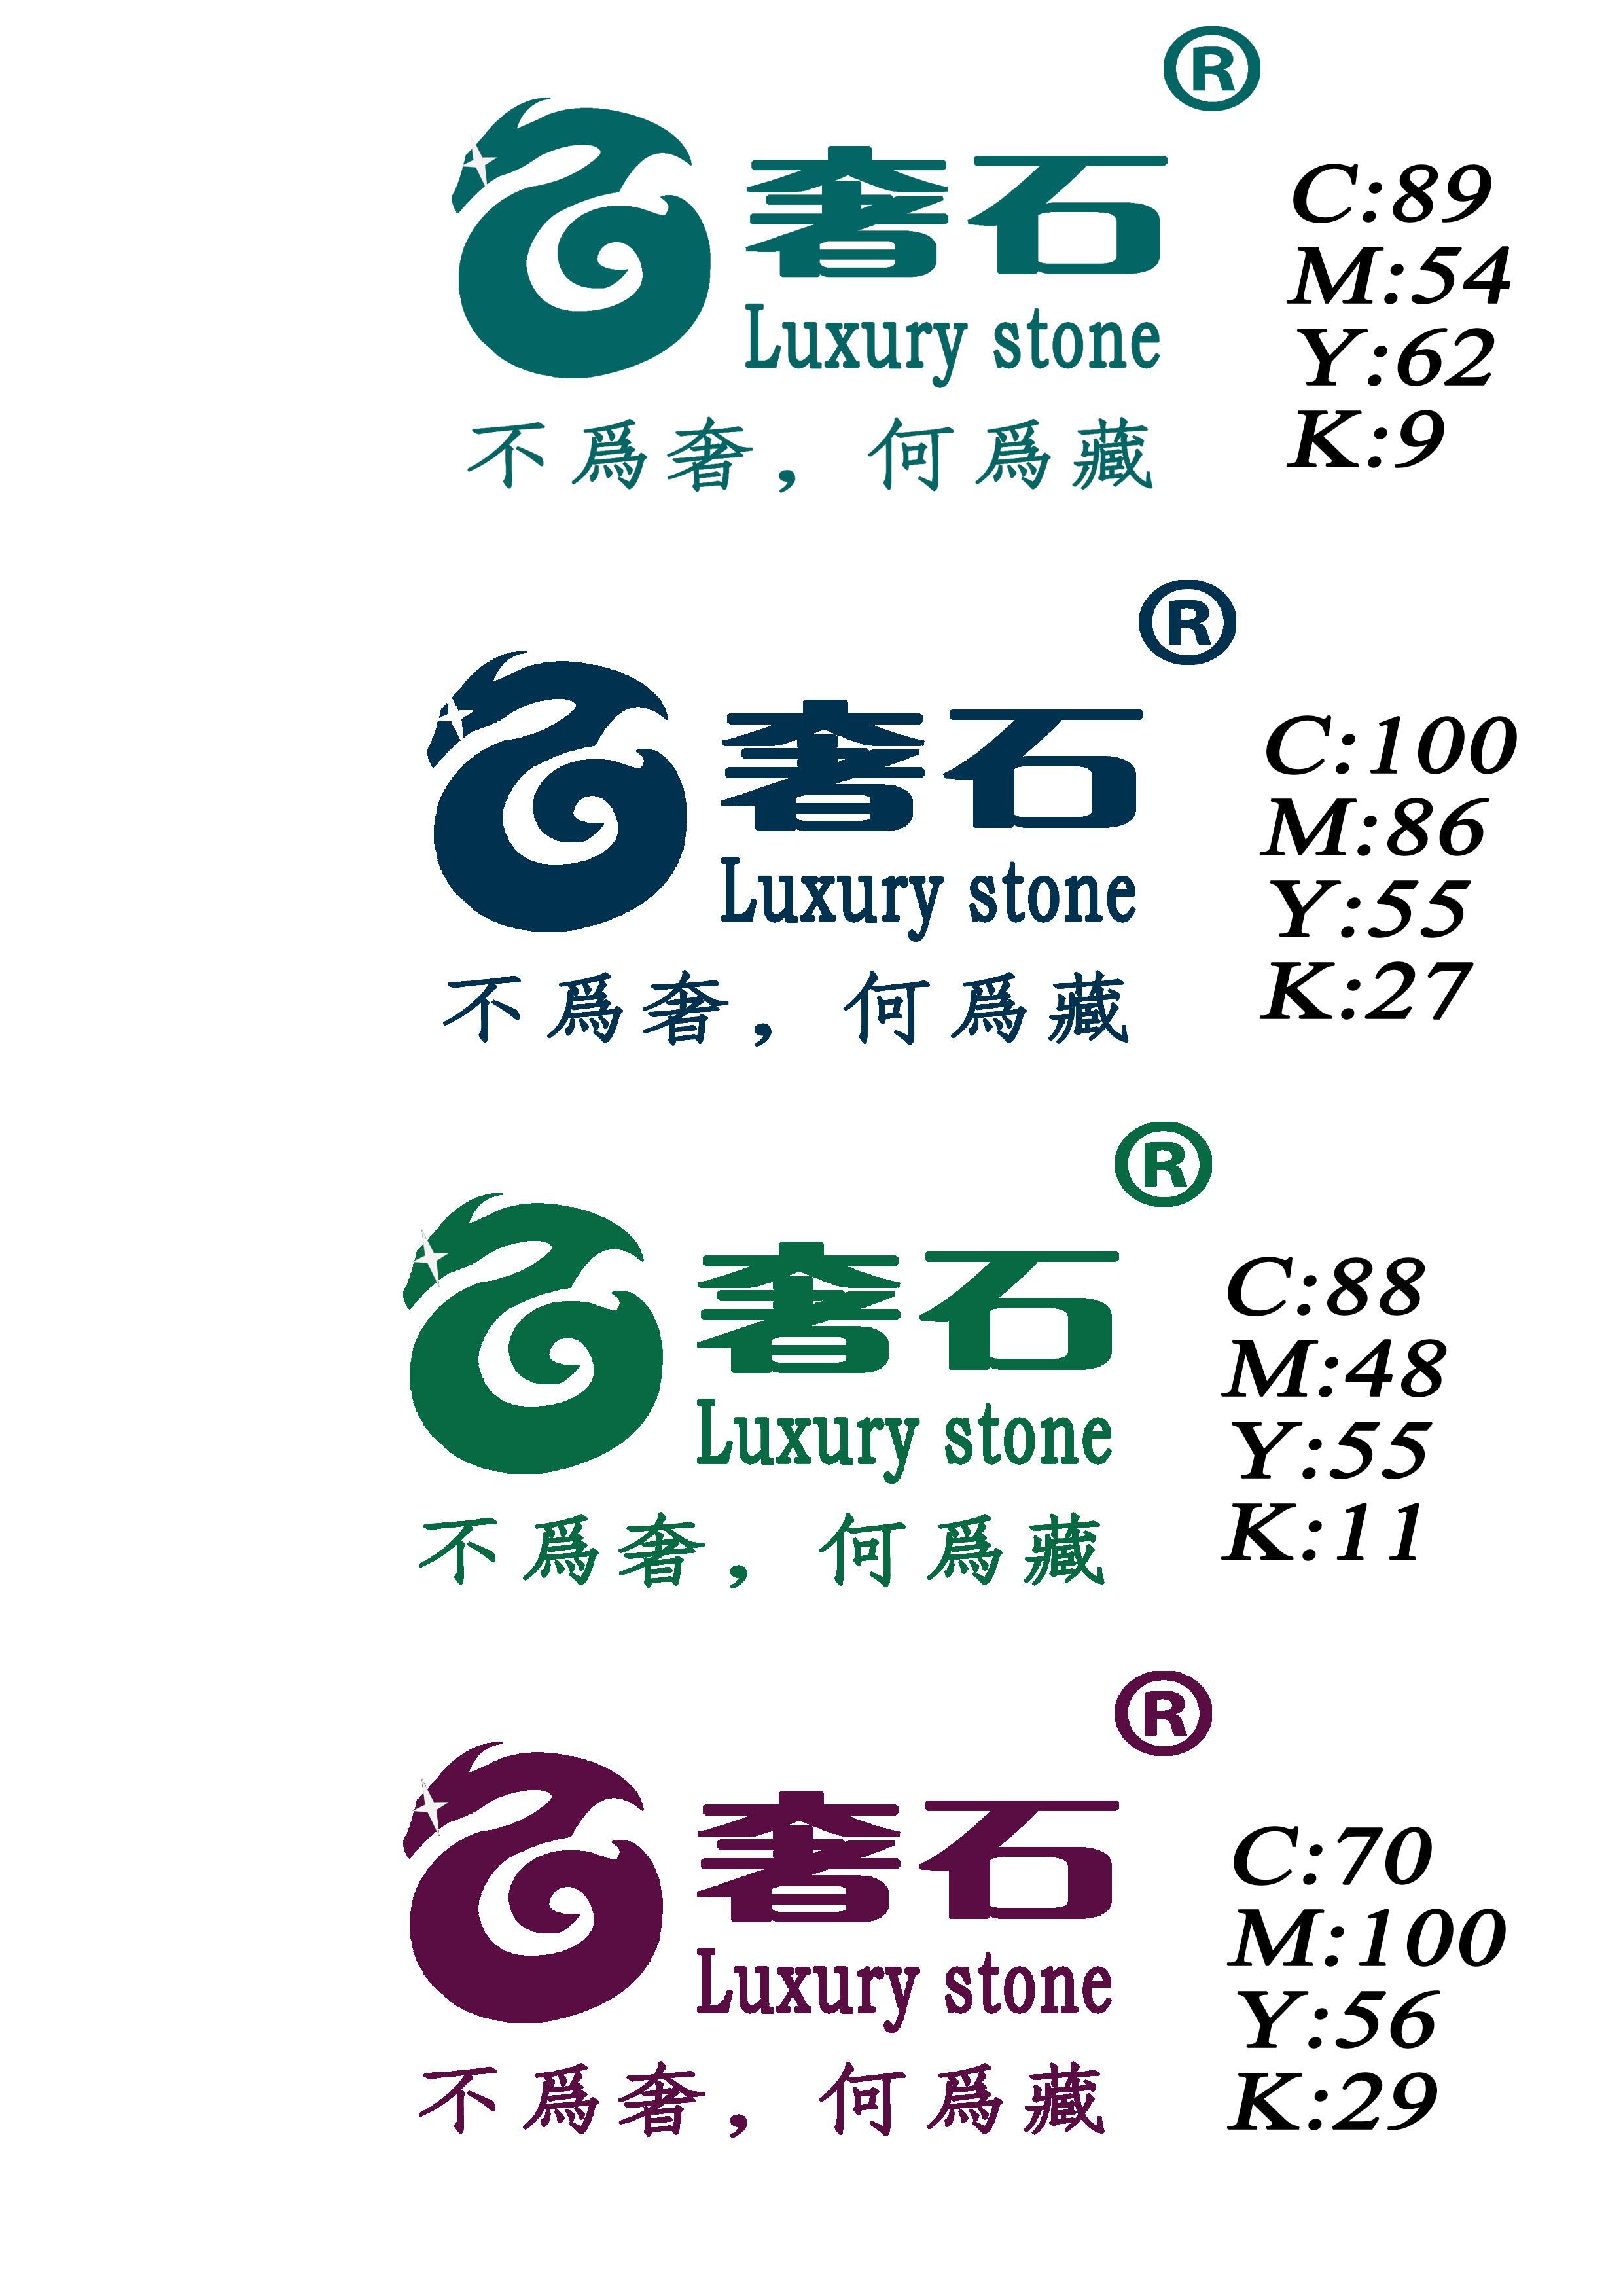 奢石logo設計